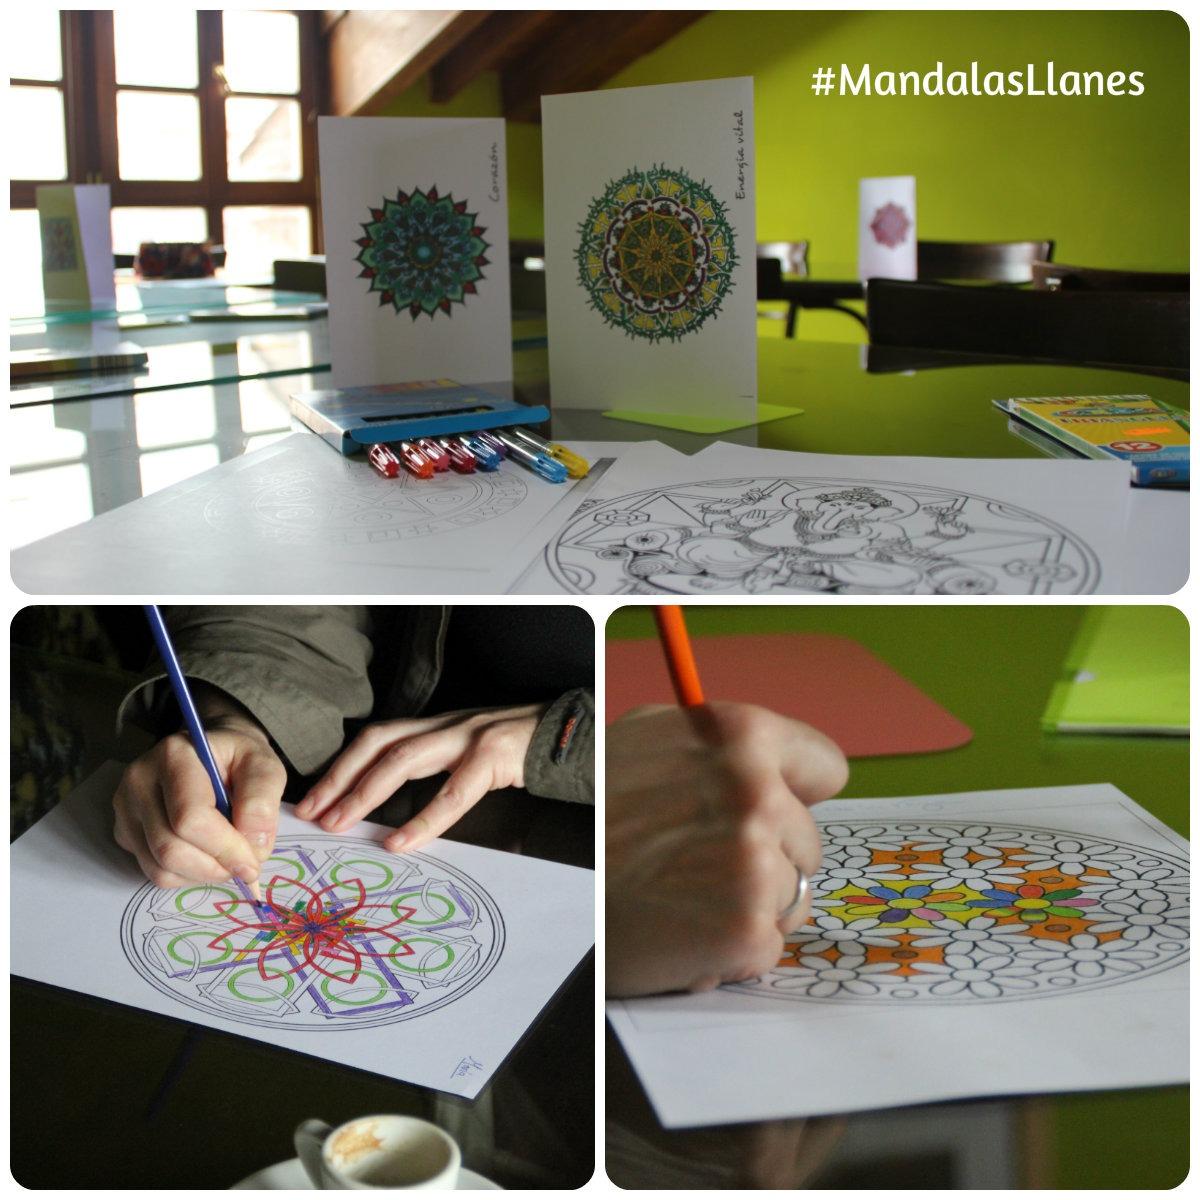 Jornada de Mandalas en Llanes. Casa rural en Llanes, la Boleta